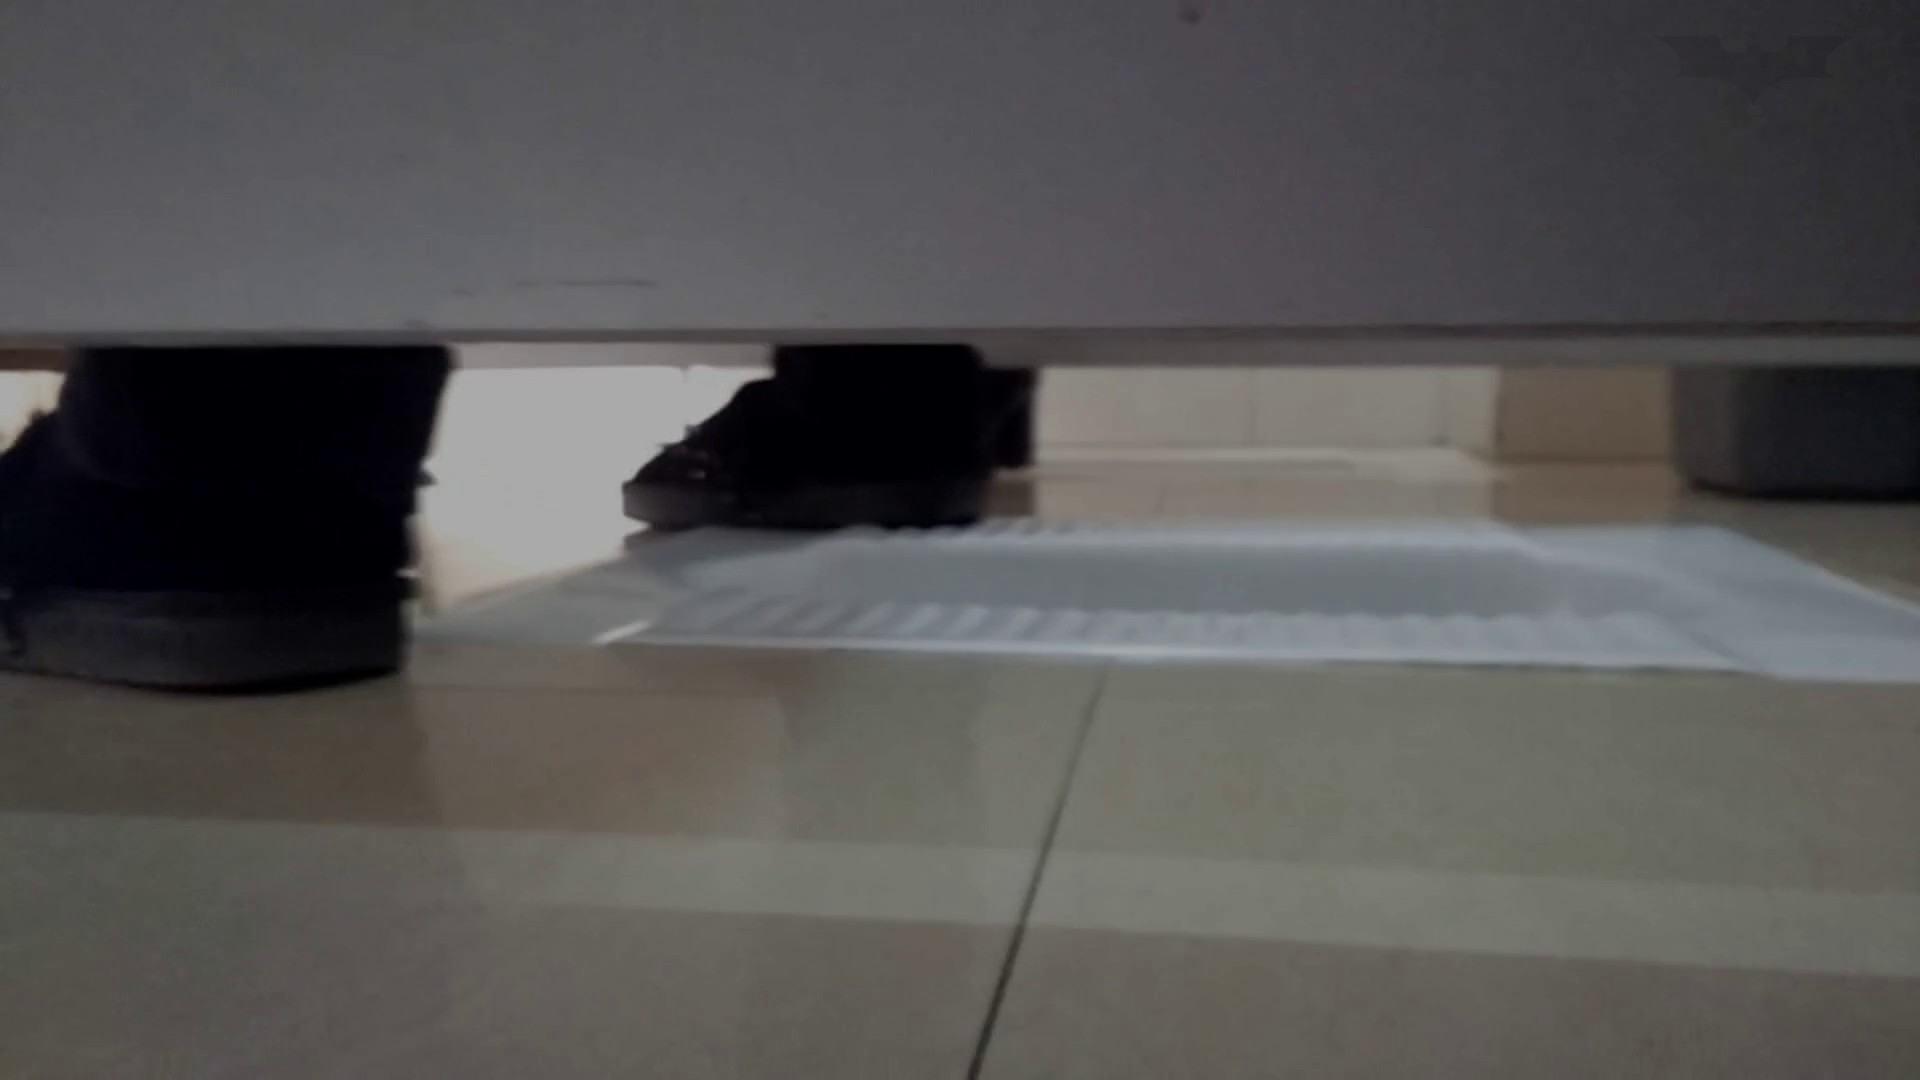 芸術大学ガチ潜入盗撮 JD盗撮 美女の洗面所の秘密 Vol.98 OLの実態 覗きオメコ動画キャプチャ 38pic 26